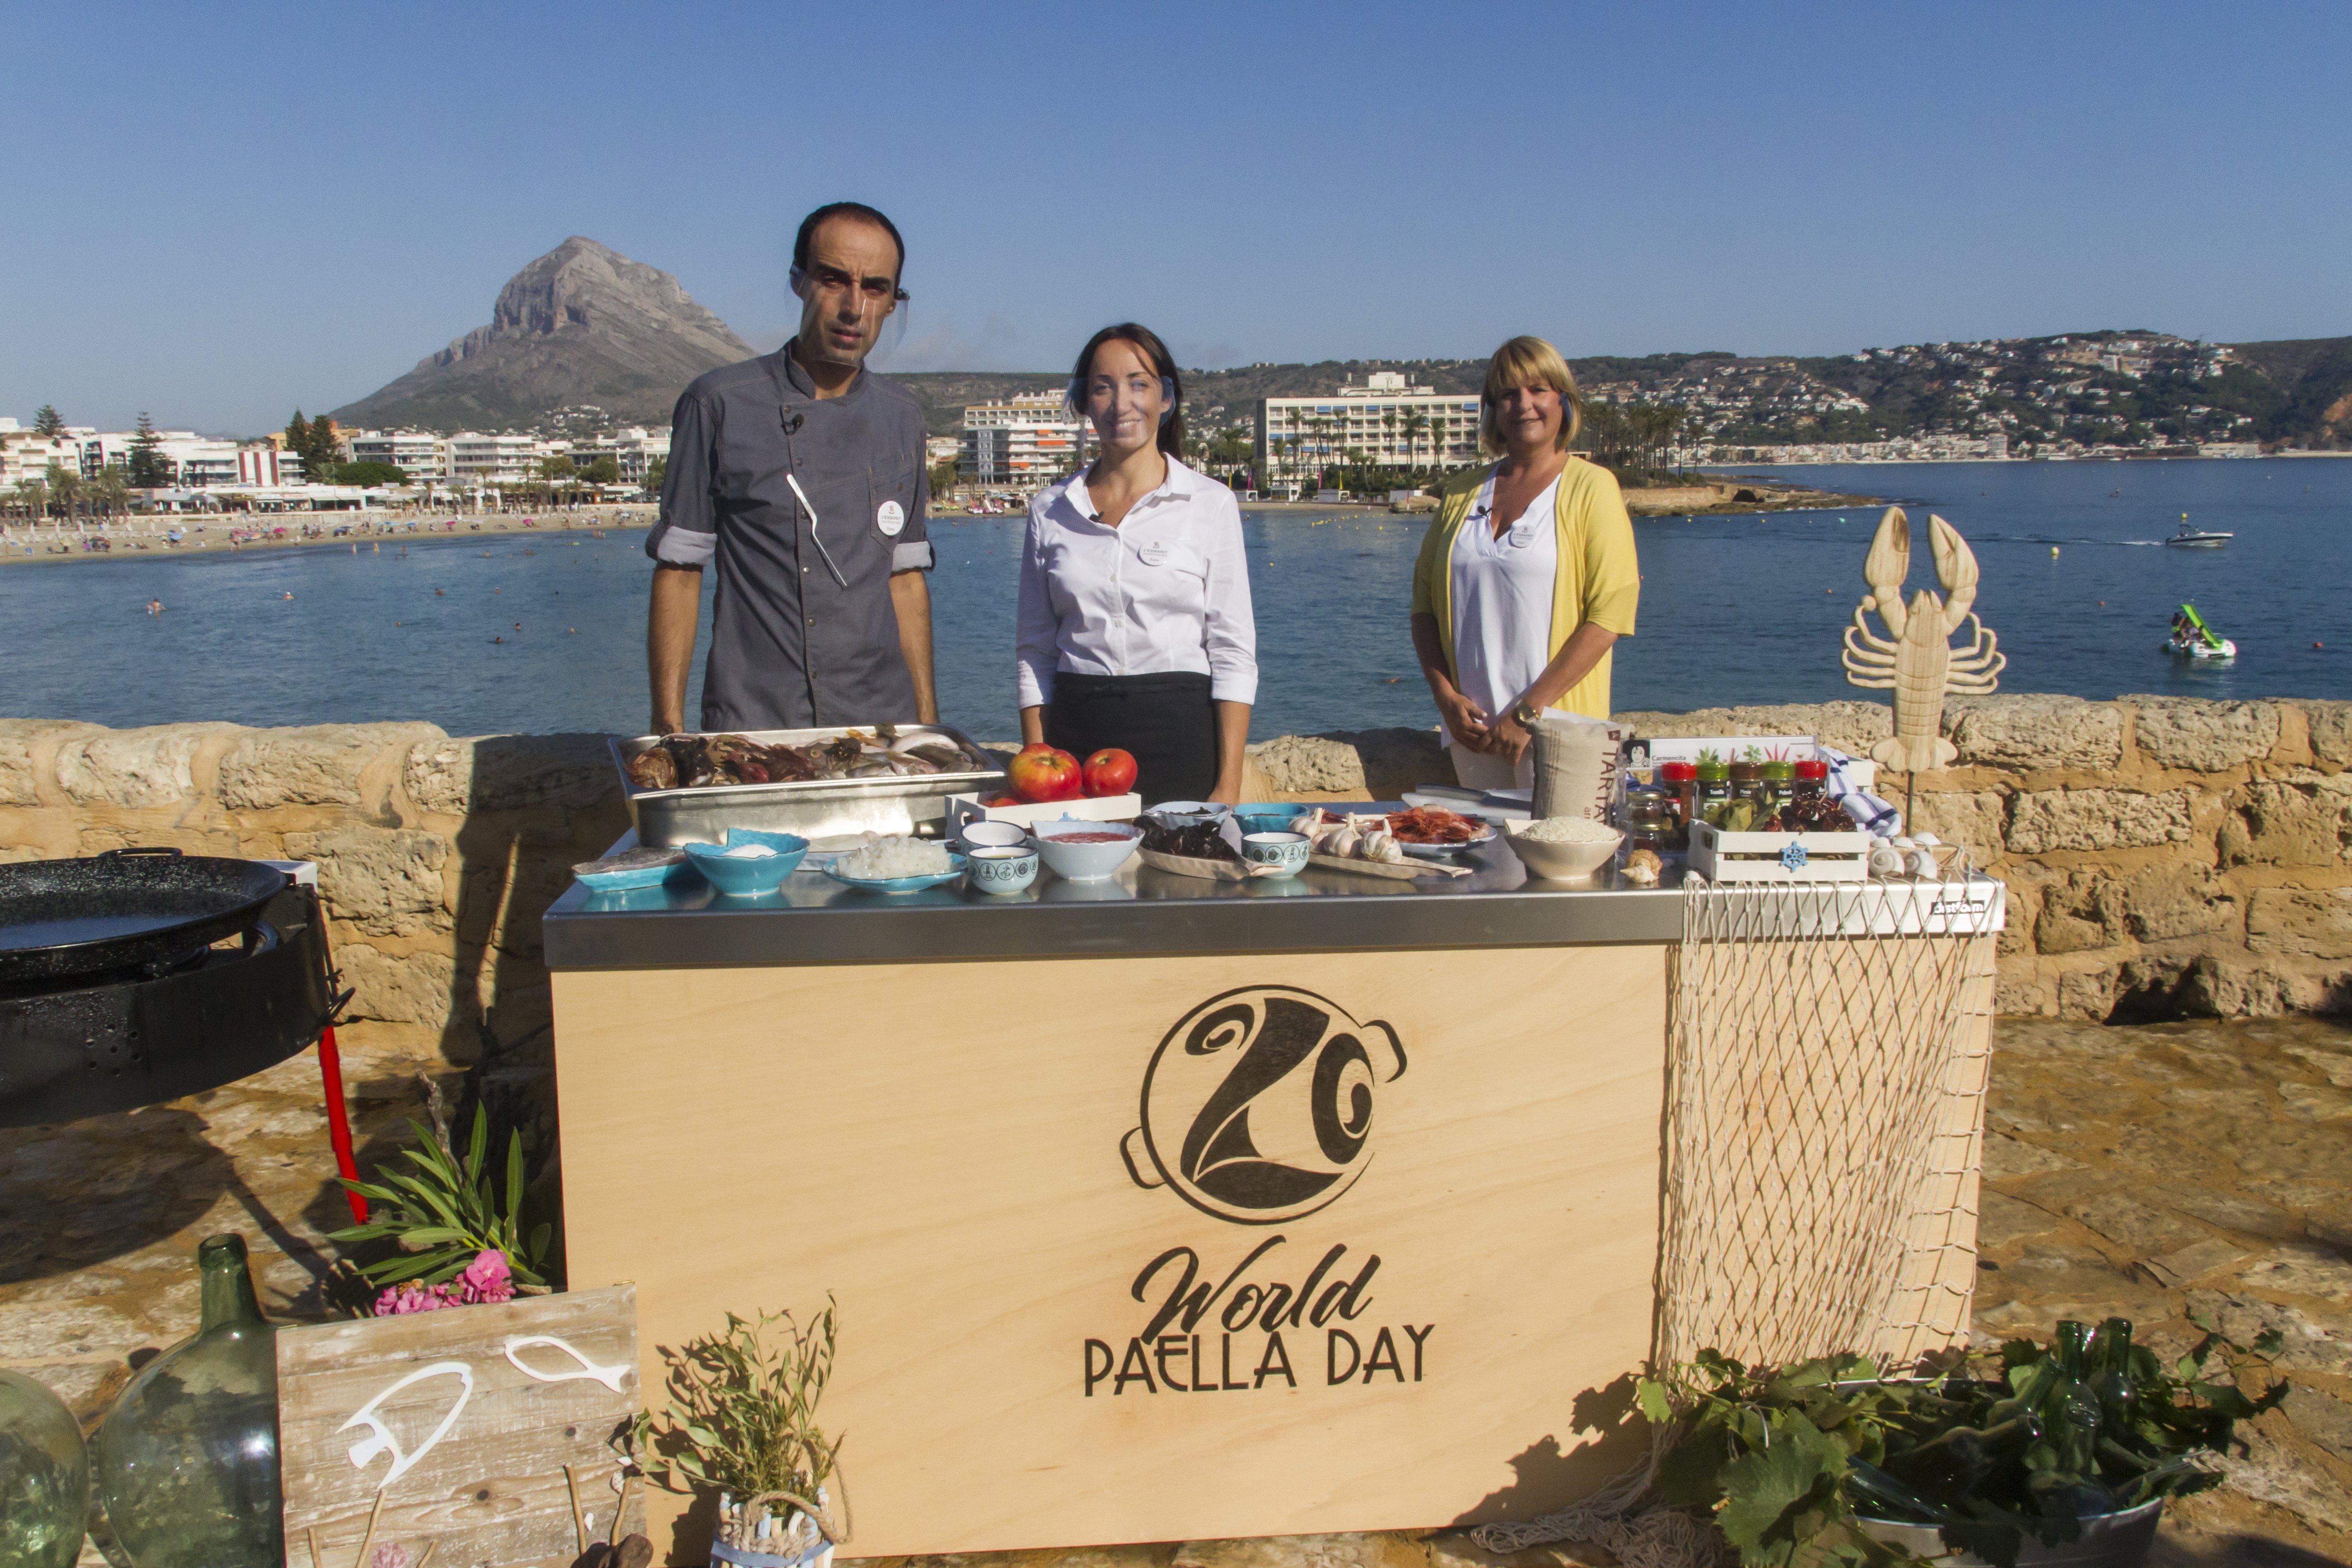 Turisme lanza una campaña para vincular el impacto promocional del World Paella Day a la difusión de la cultura gastronómica valenciana